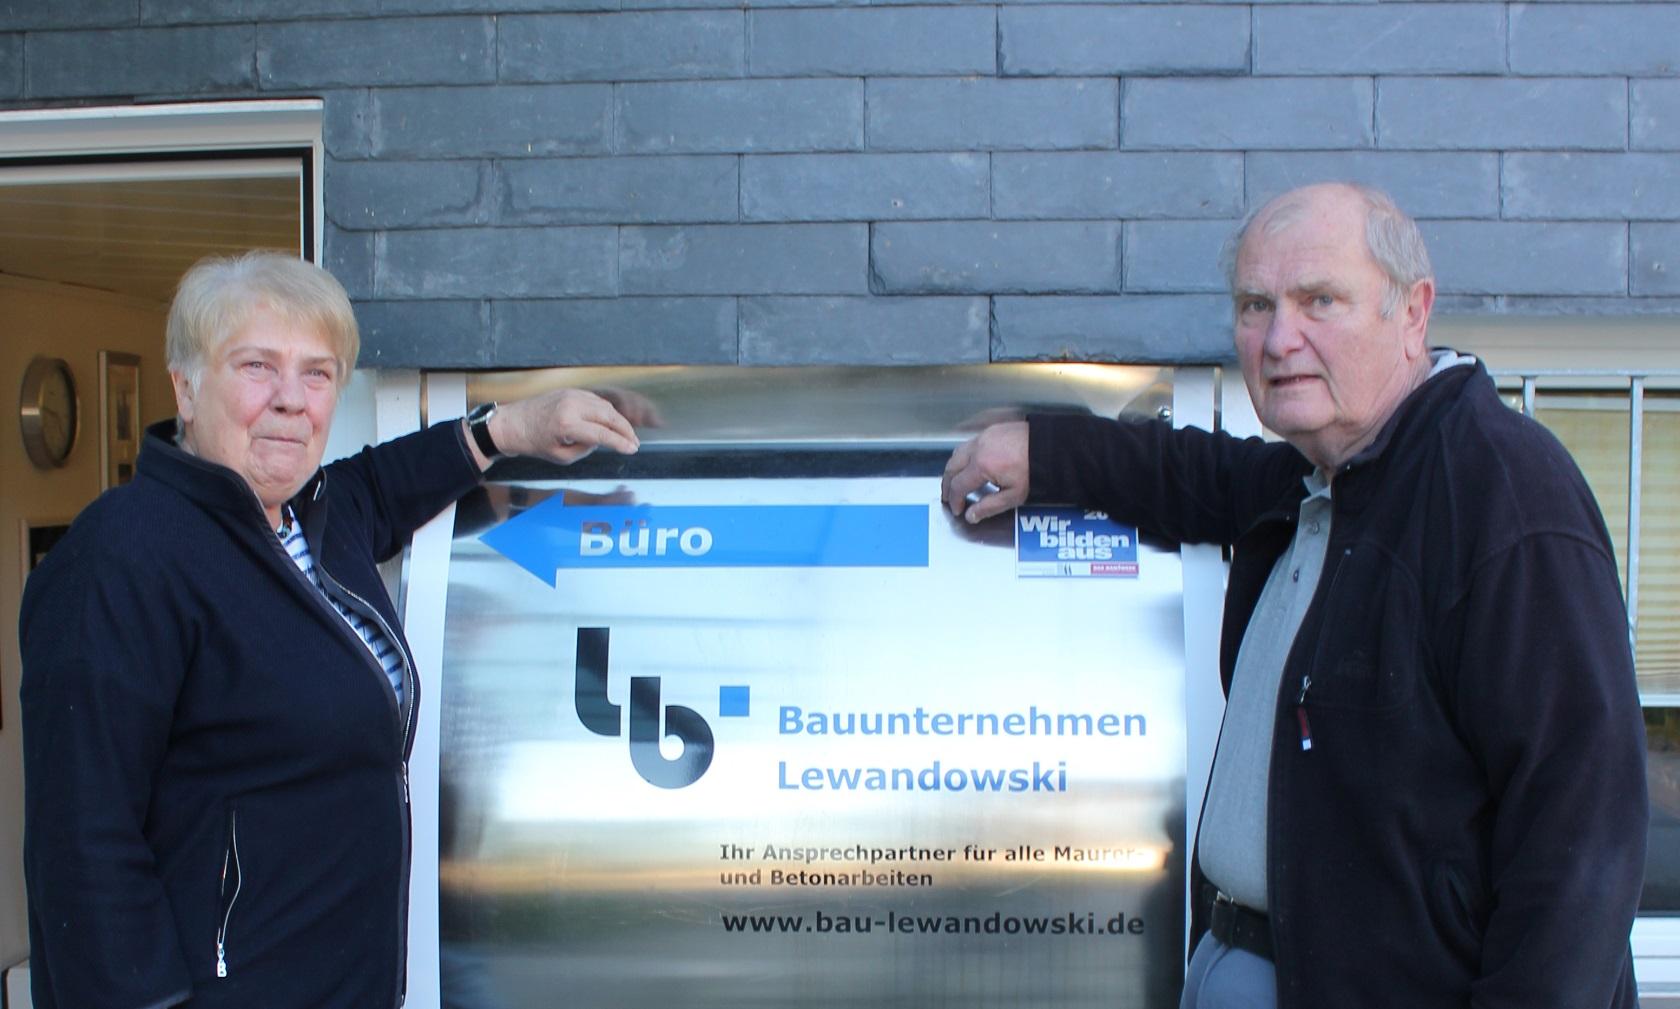 Ute und Bernhard Lewandowski